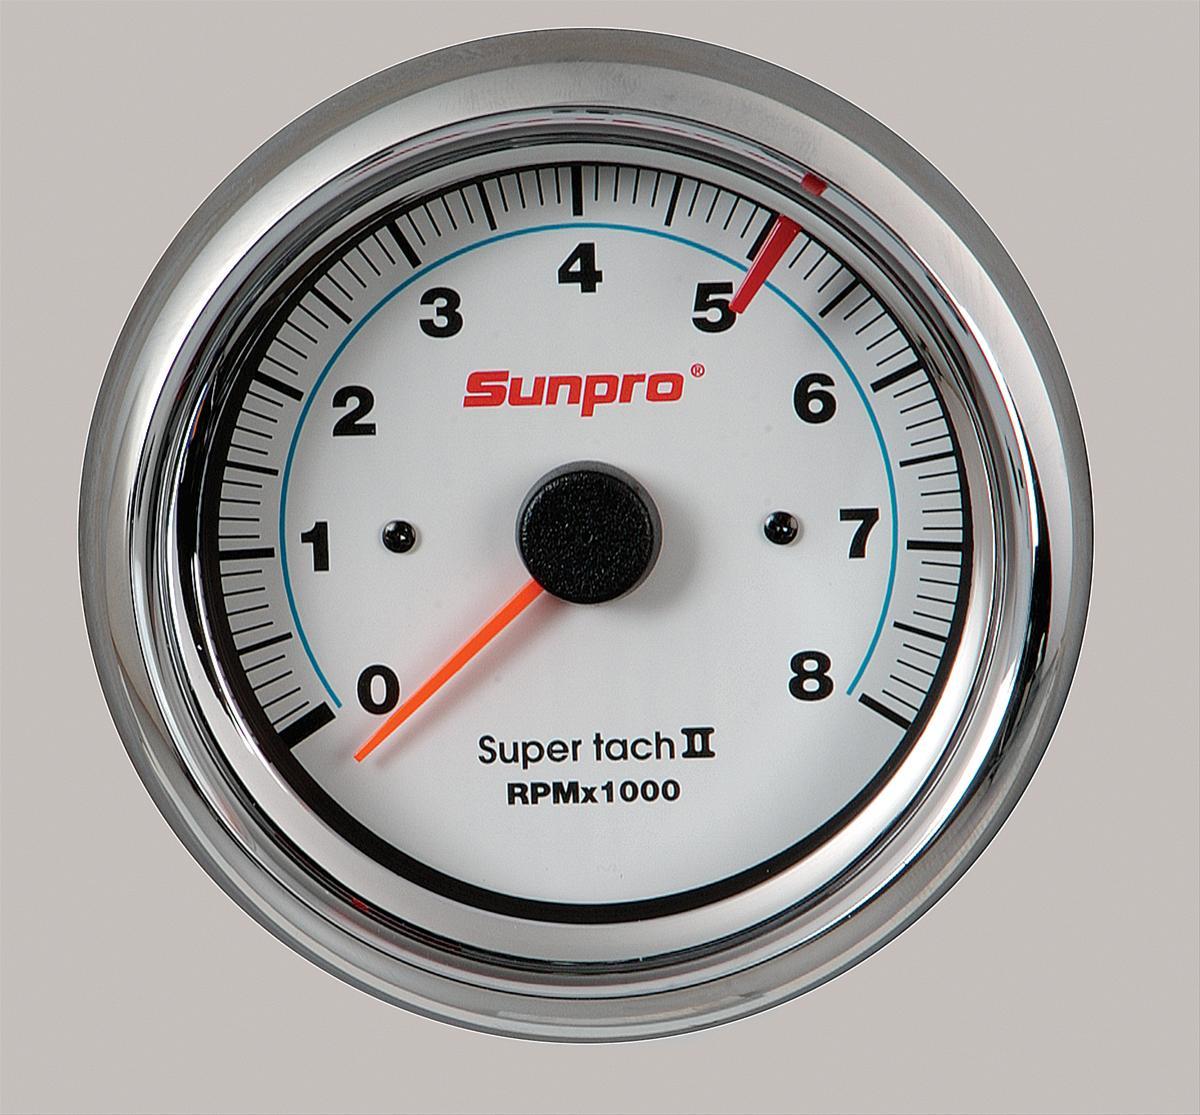 Sunpro Sun Super Tach Ii Tachometers Cp7903